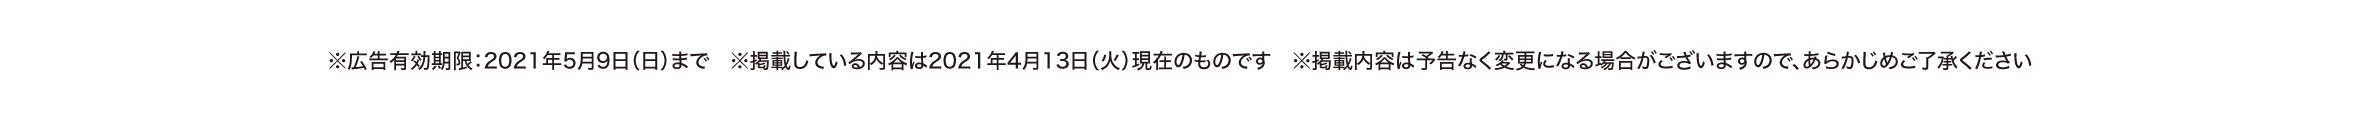 Sasebo Gobangai Go!五 Week 4/24 Sat 〜5/9 Sun